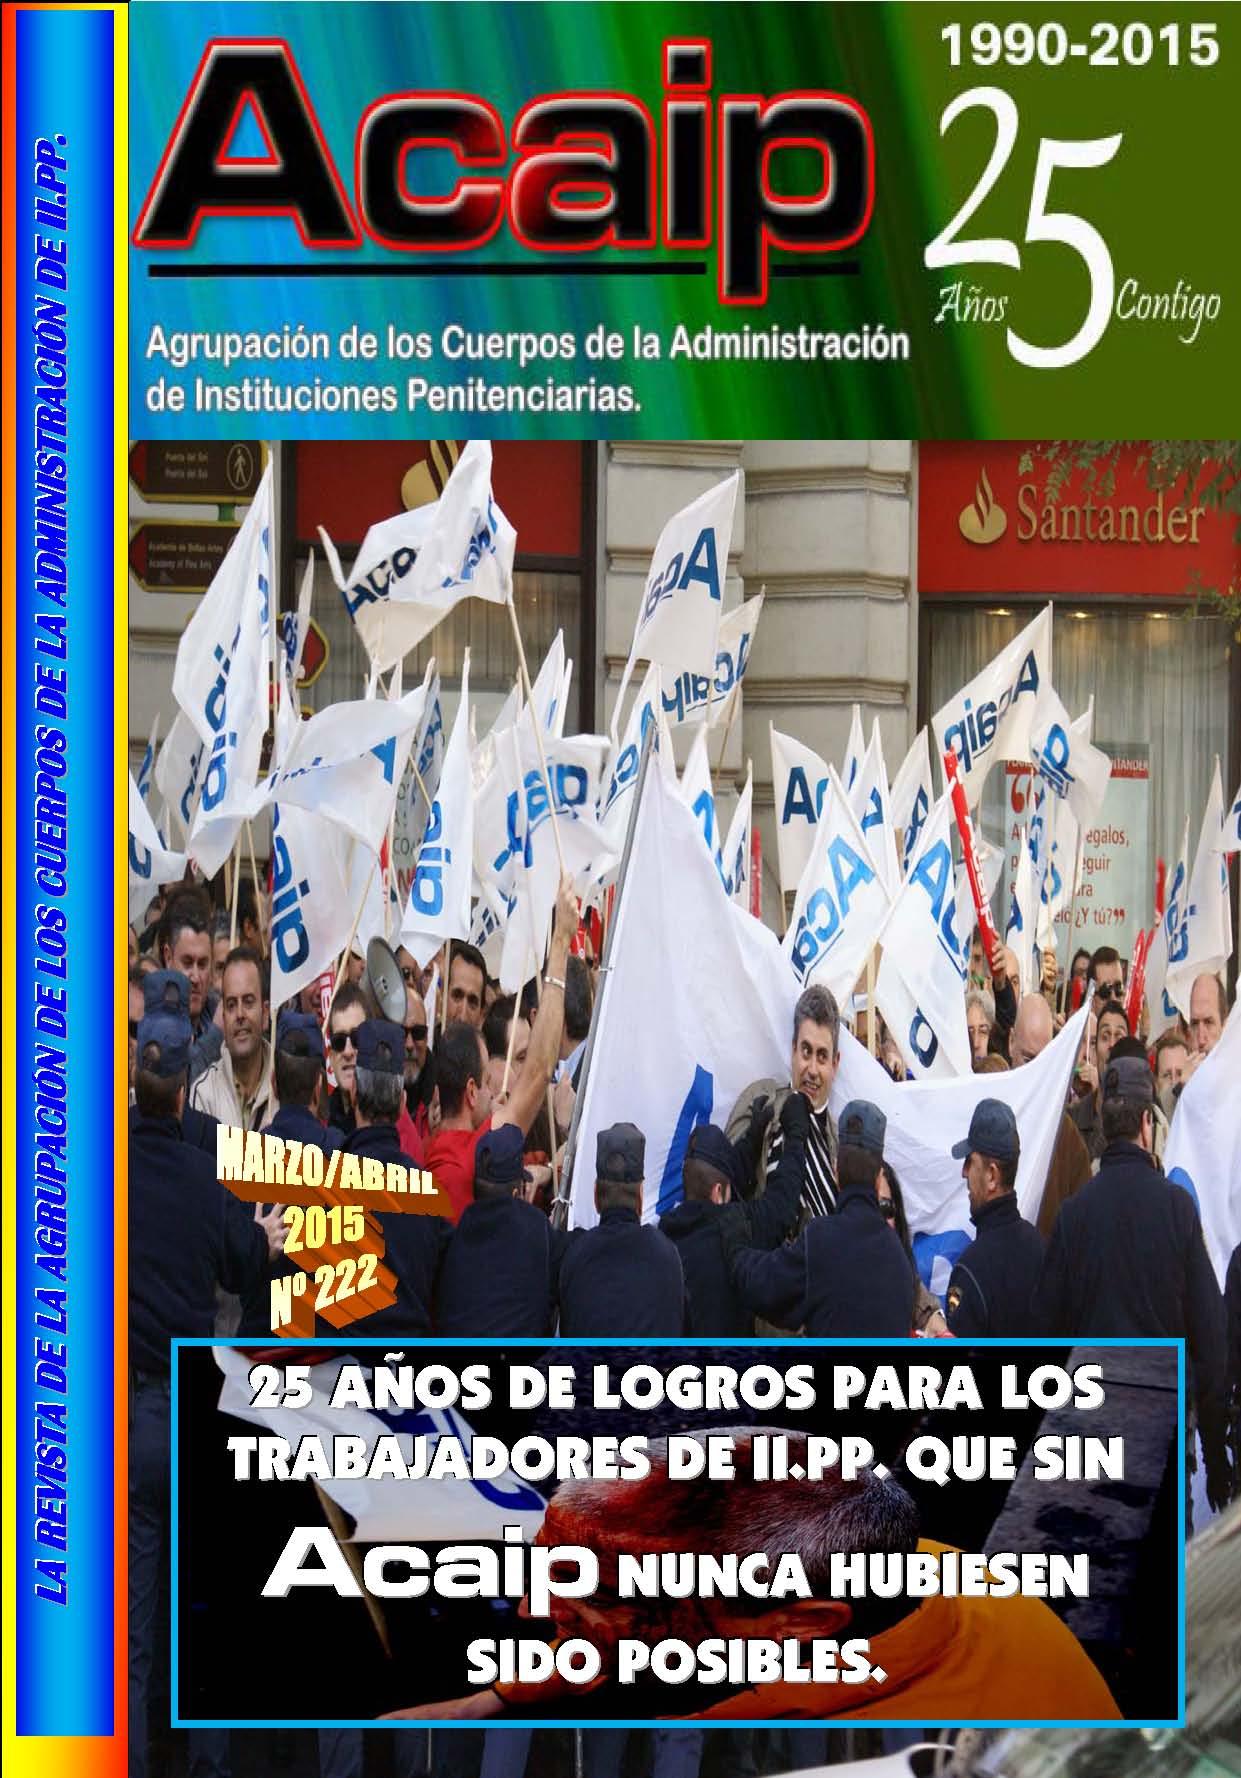 25 AÑOS DE LOGROS PARA LOS TRABAJADORES DEE II..PP